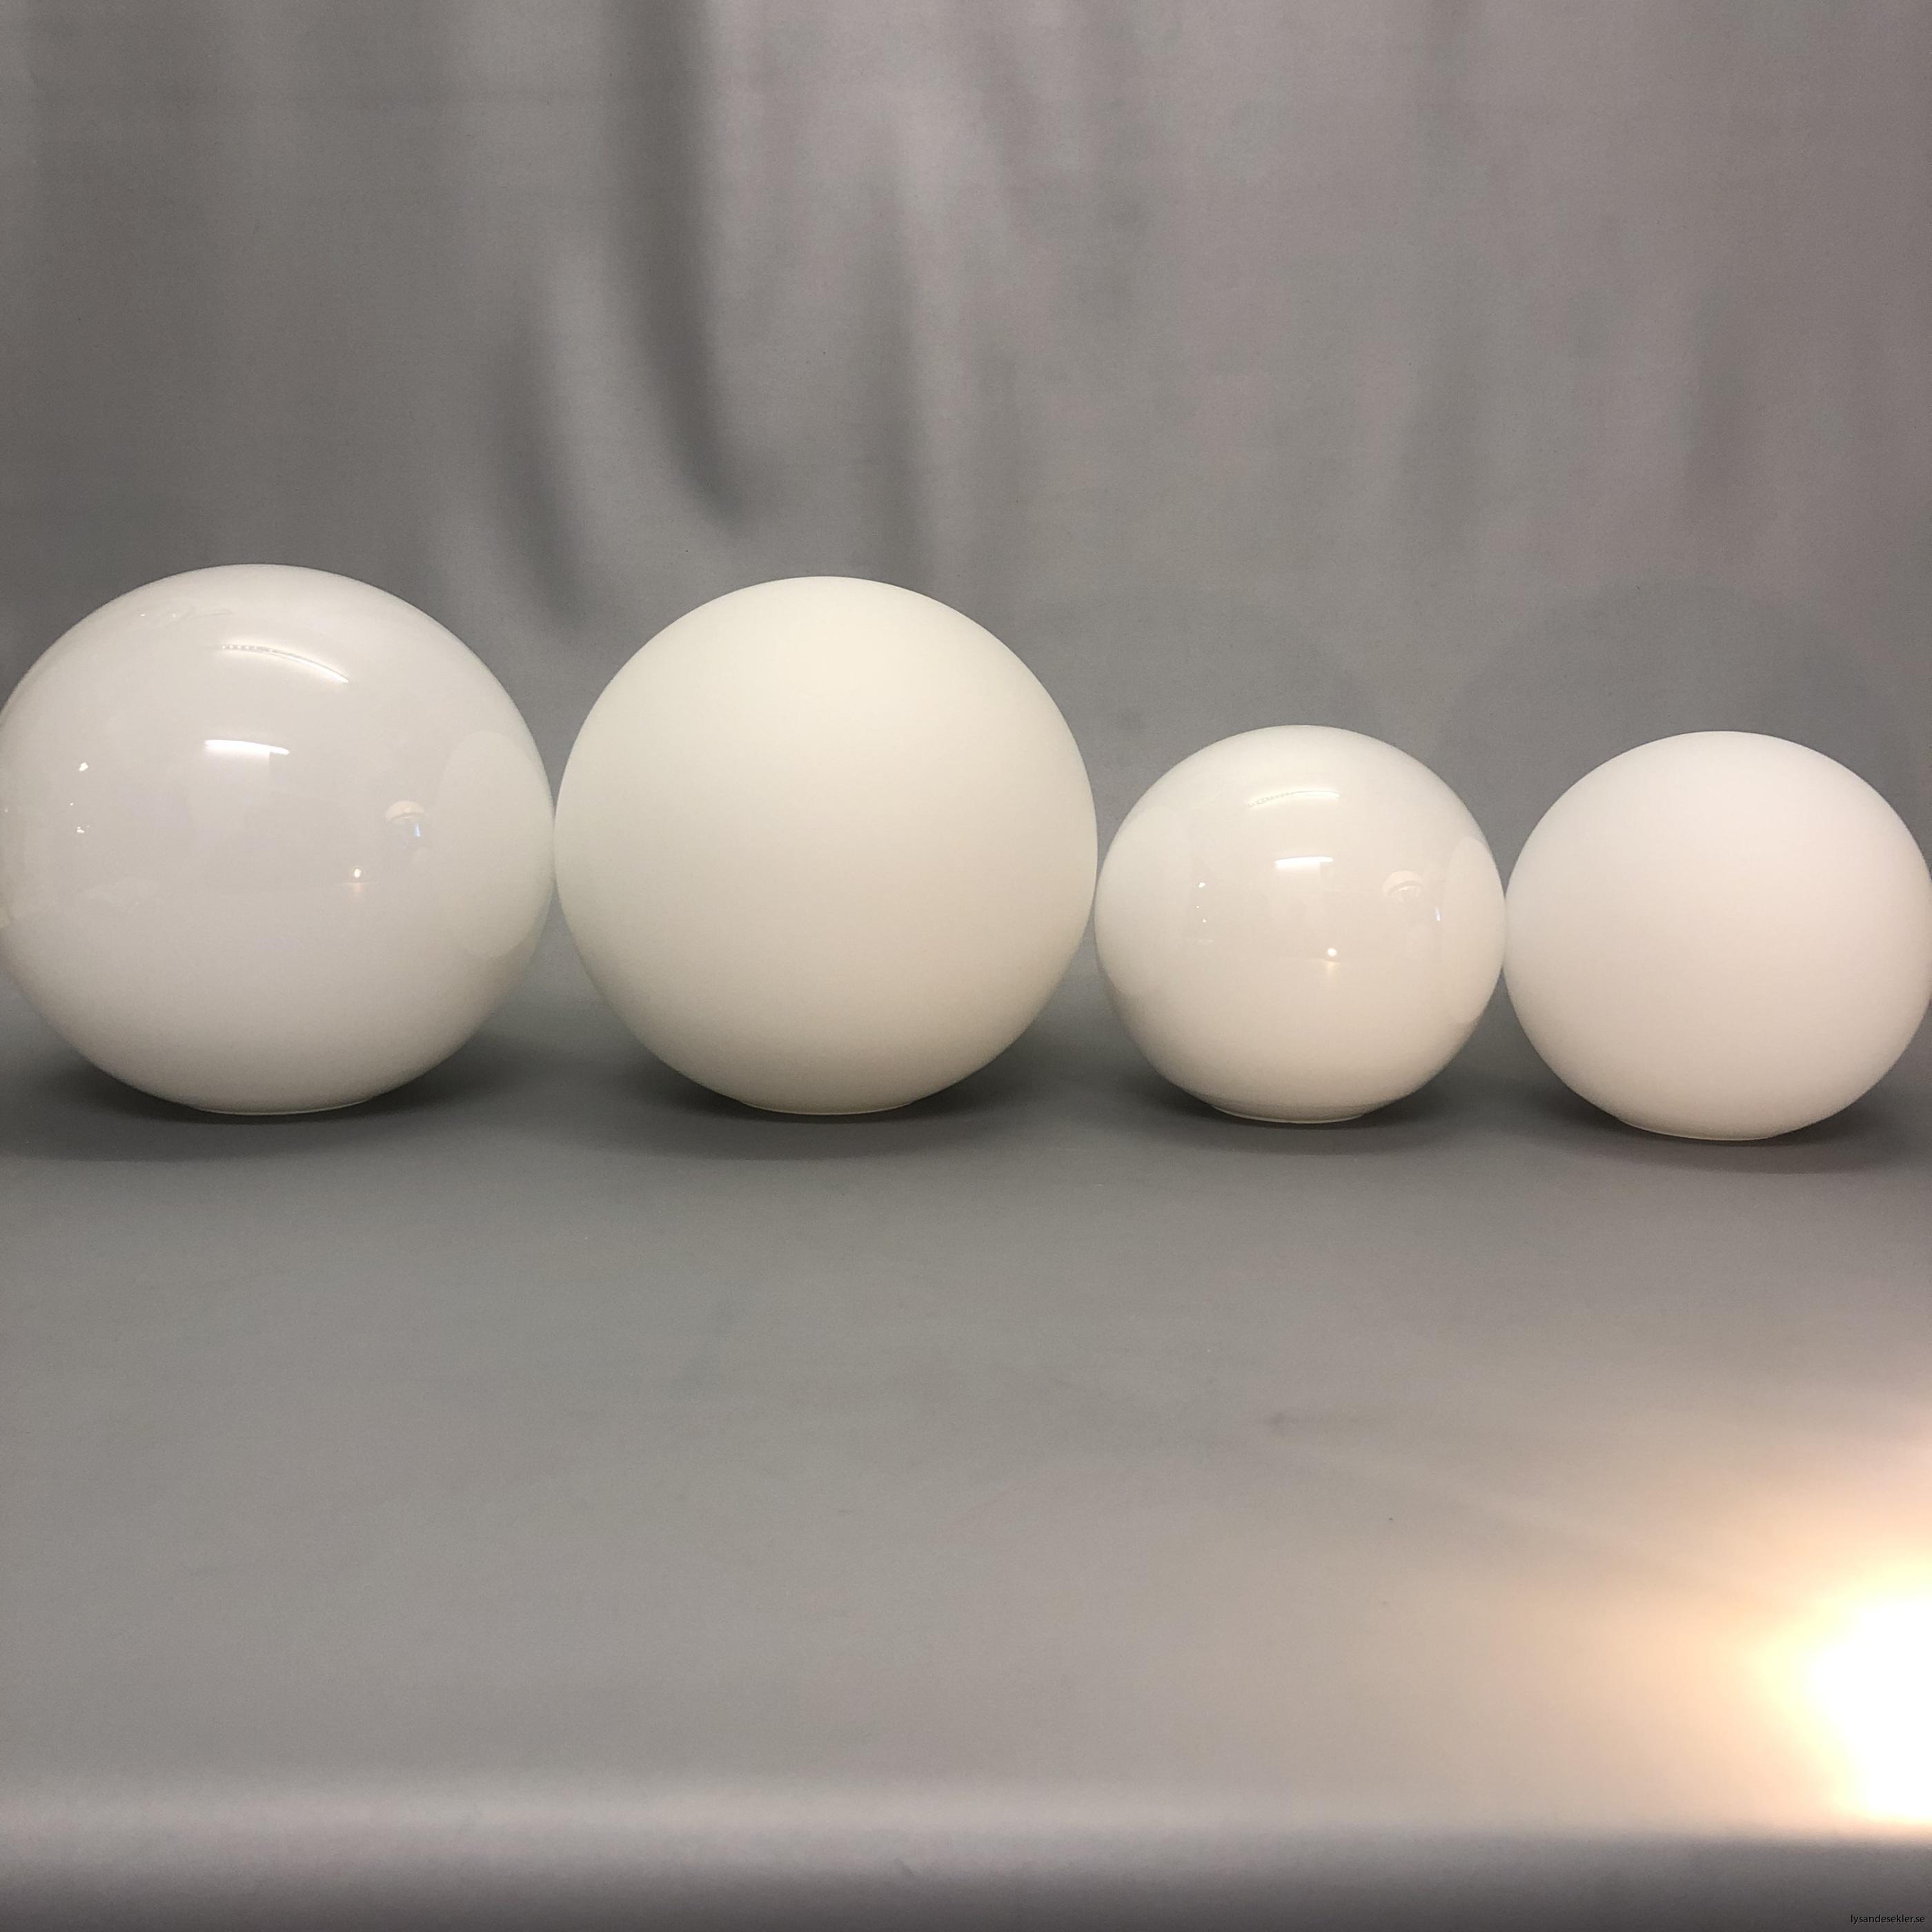 klot glas lampklot lampglas klotglas matt blankt vitt hålkupa hål3